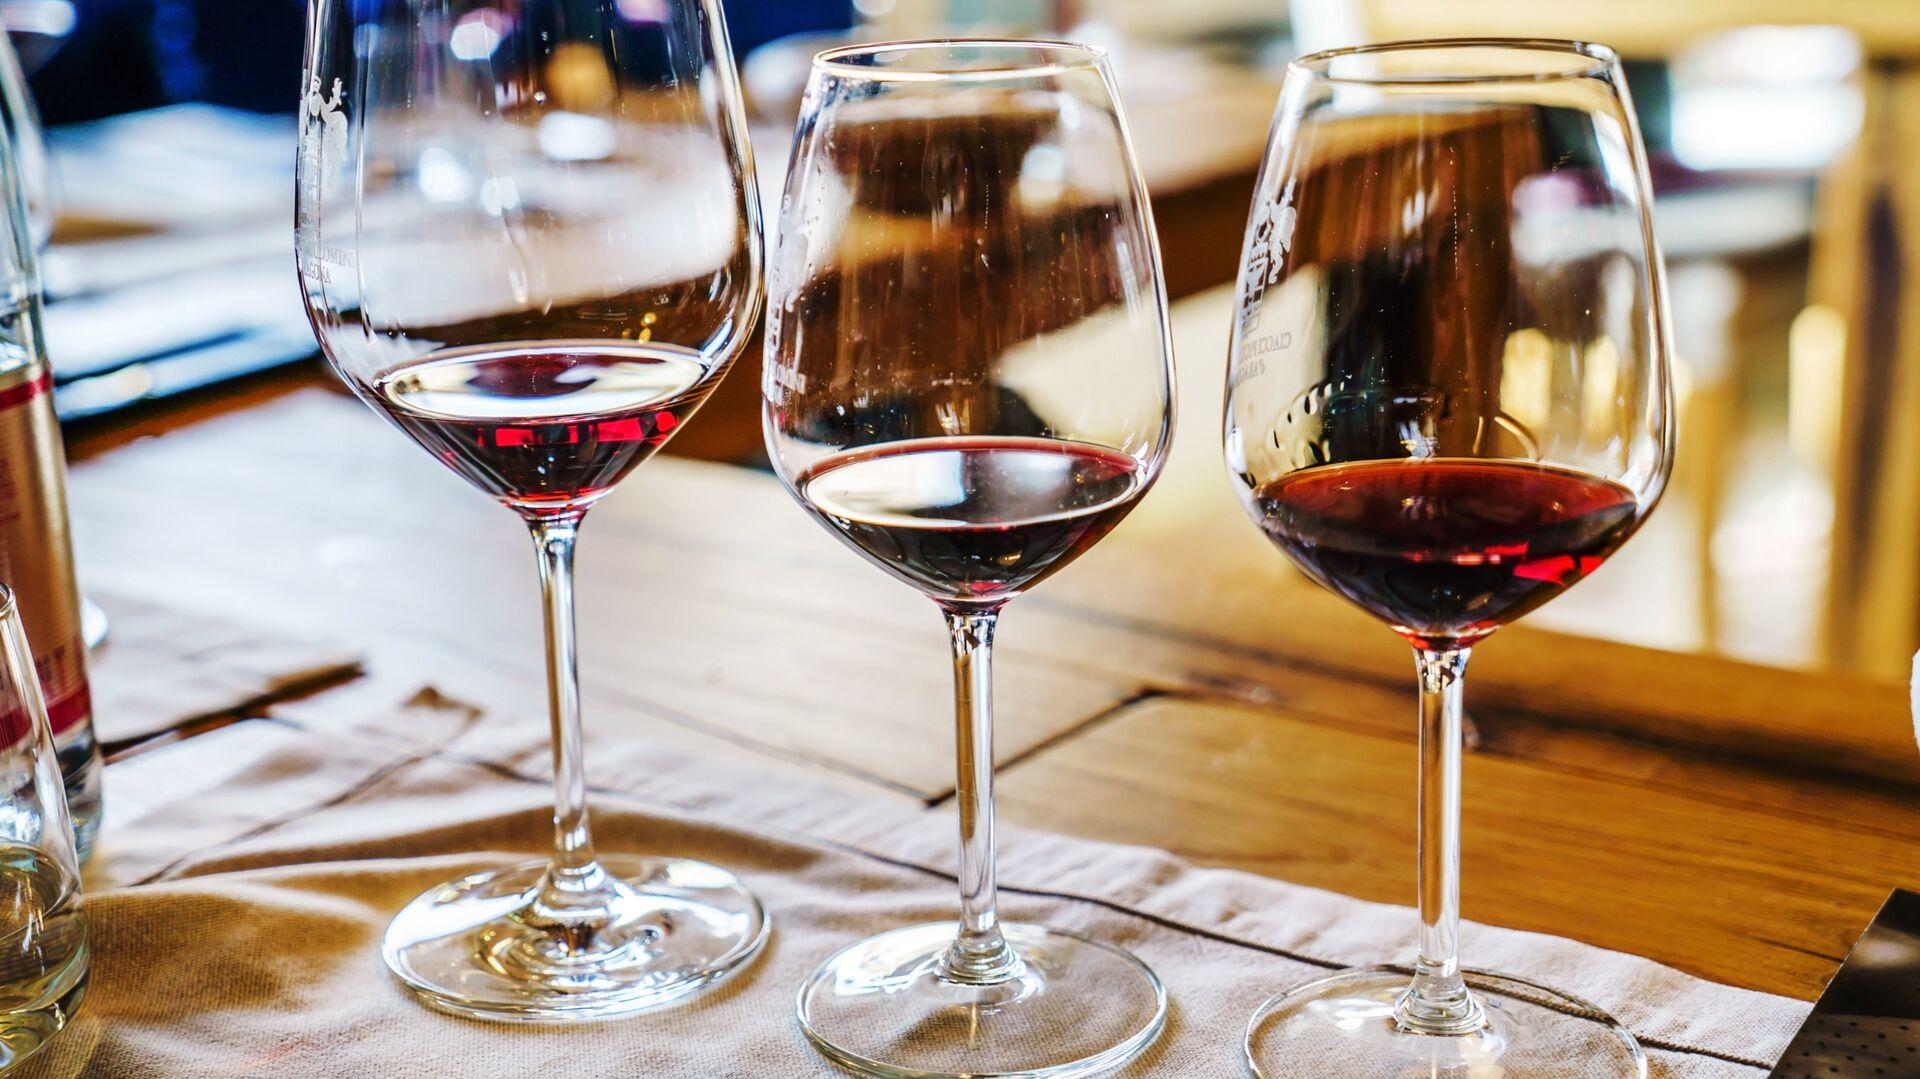 Эксперты оценили качество вернувшегося с МКС французского вина